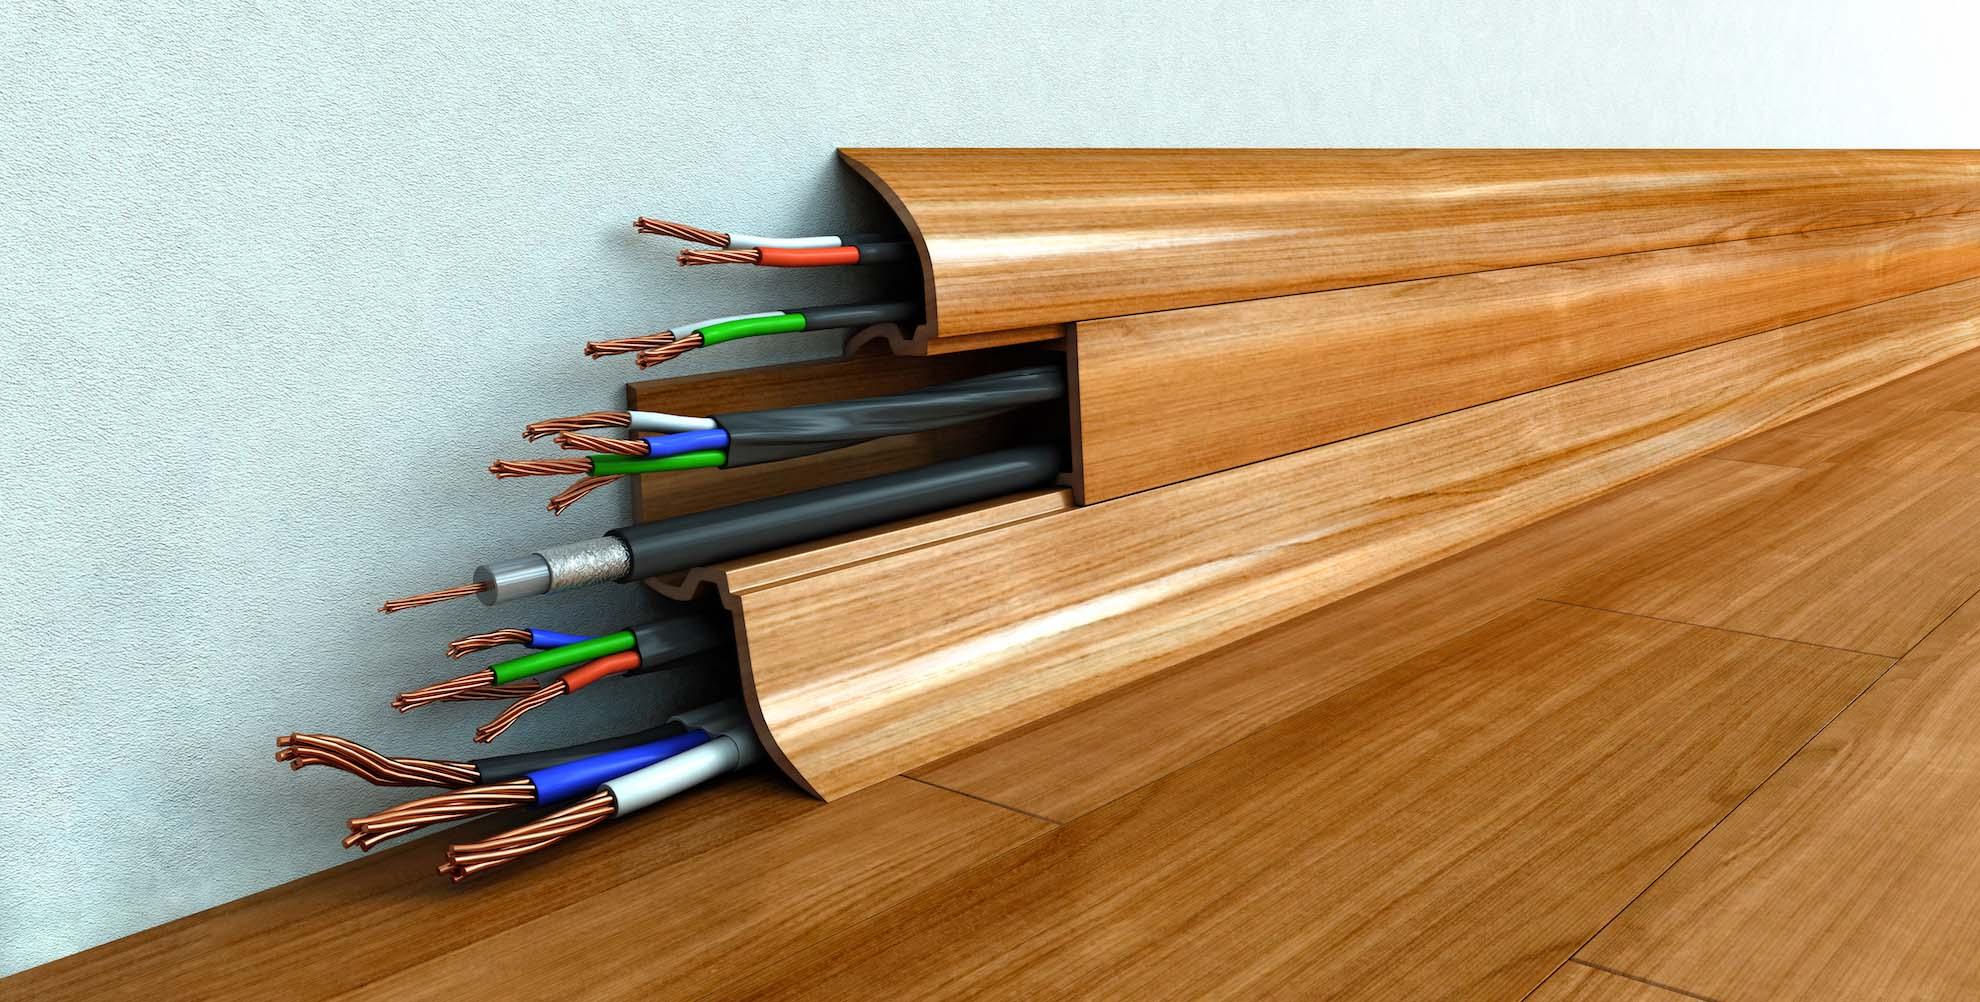 Как спрятать электропроводку в плинтусе и другие провода?